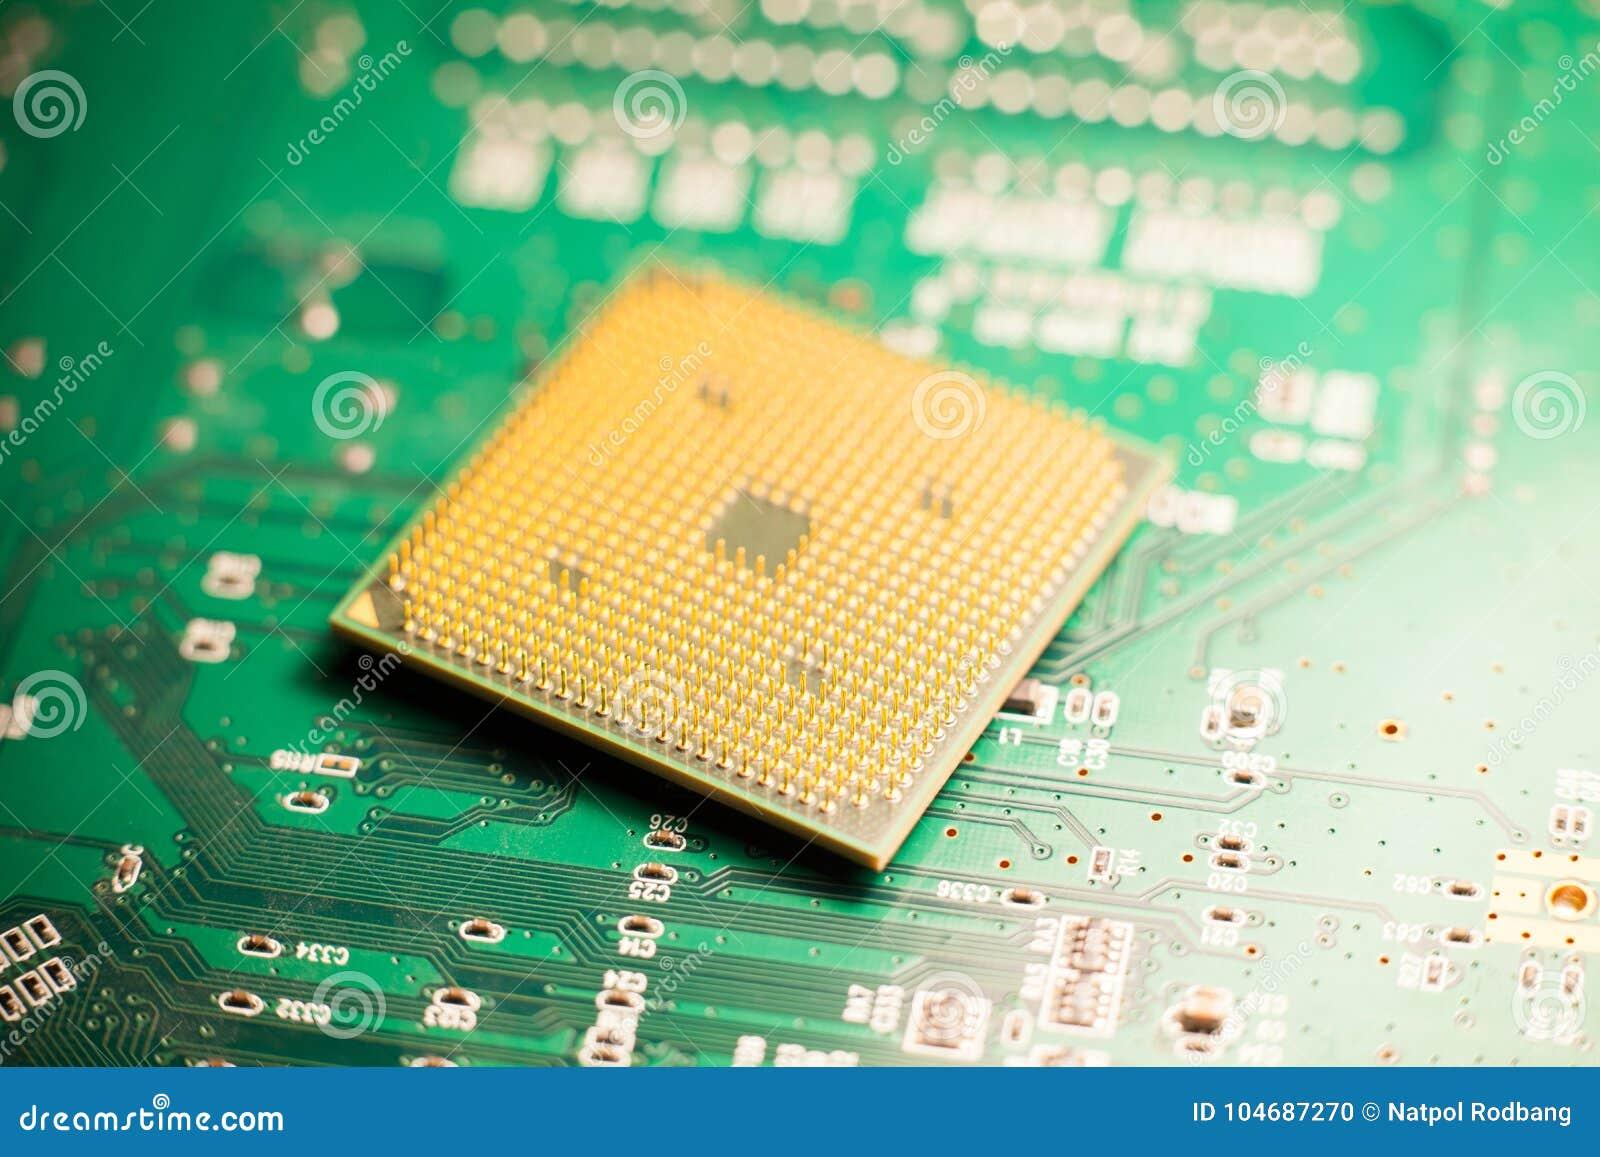 Микропроцессор или C.P.U. на монтажной плате